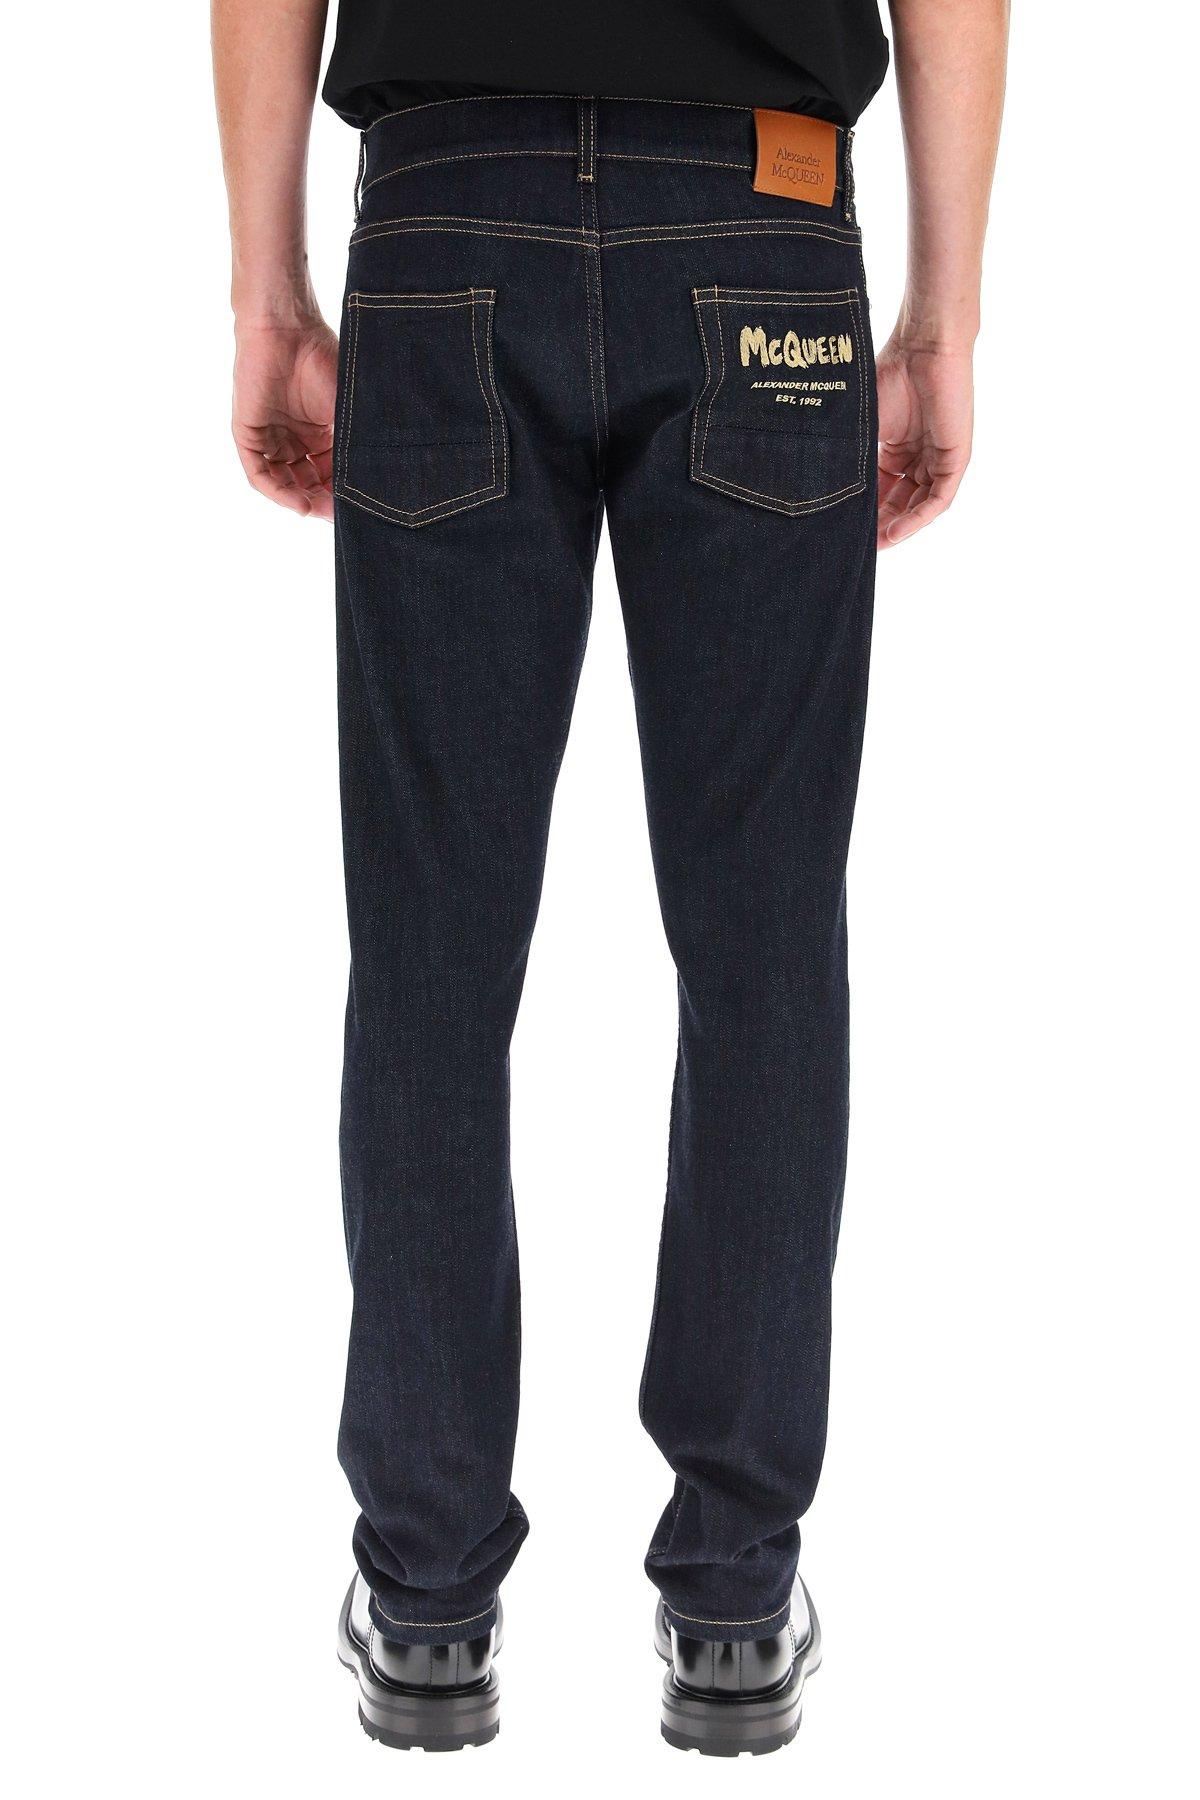 Alexander mcqueen jeans graffiti